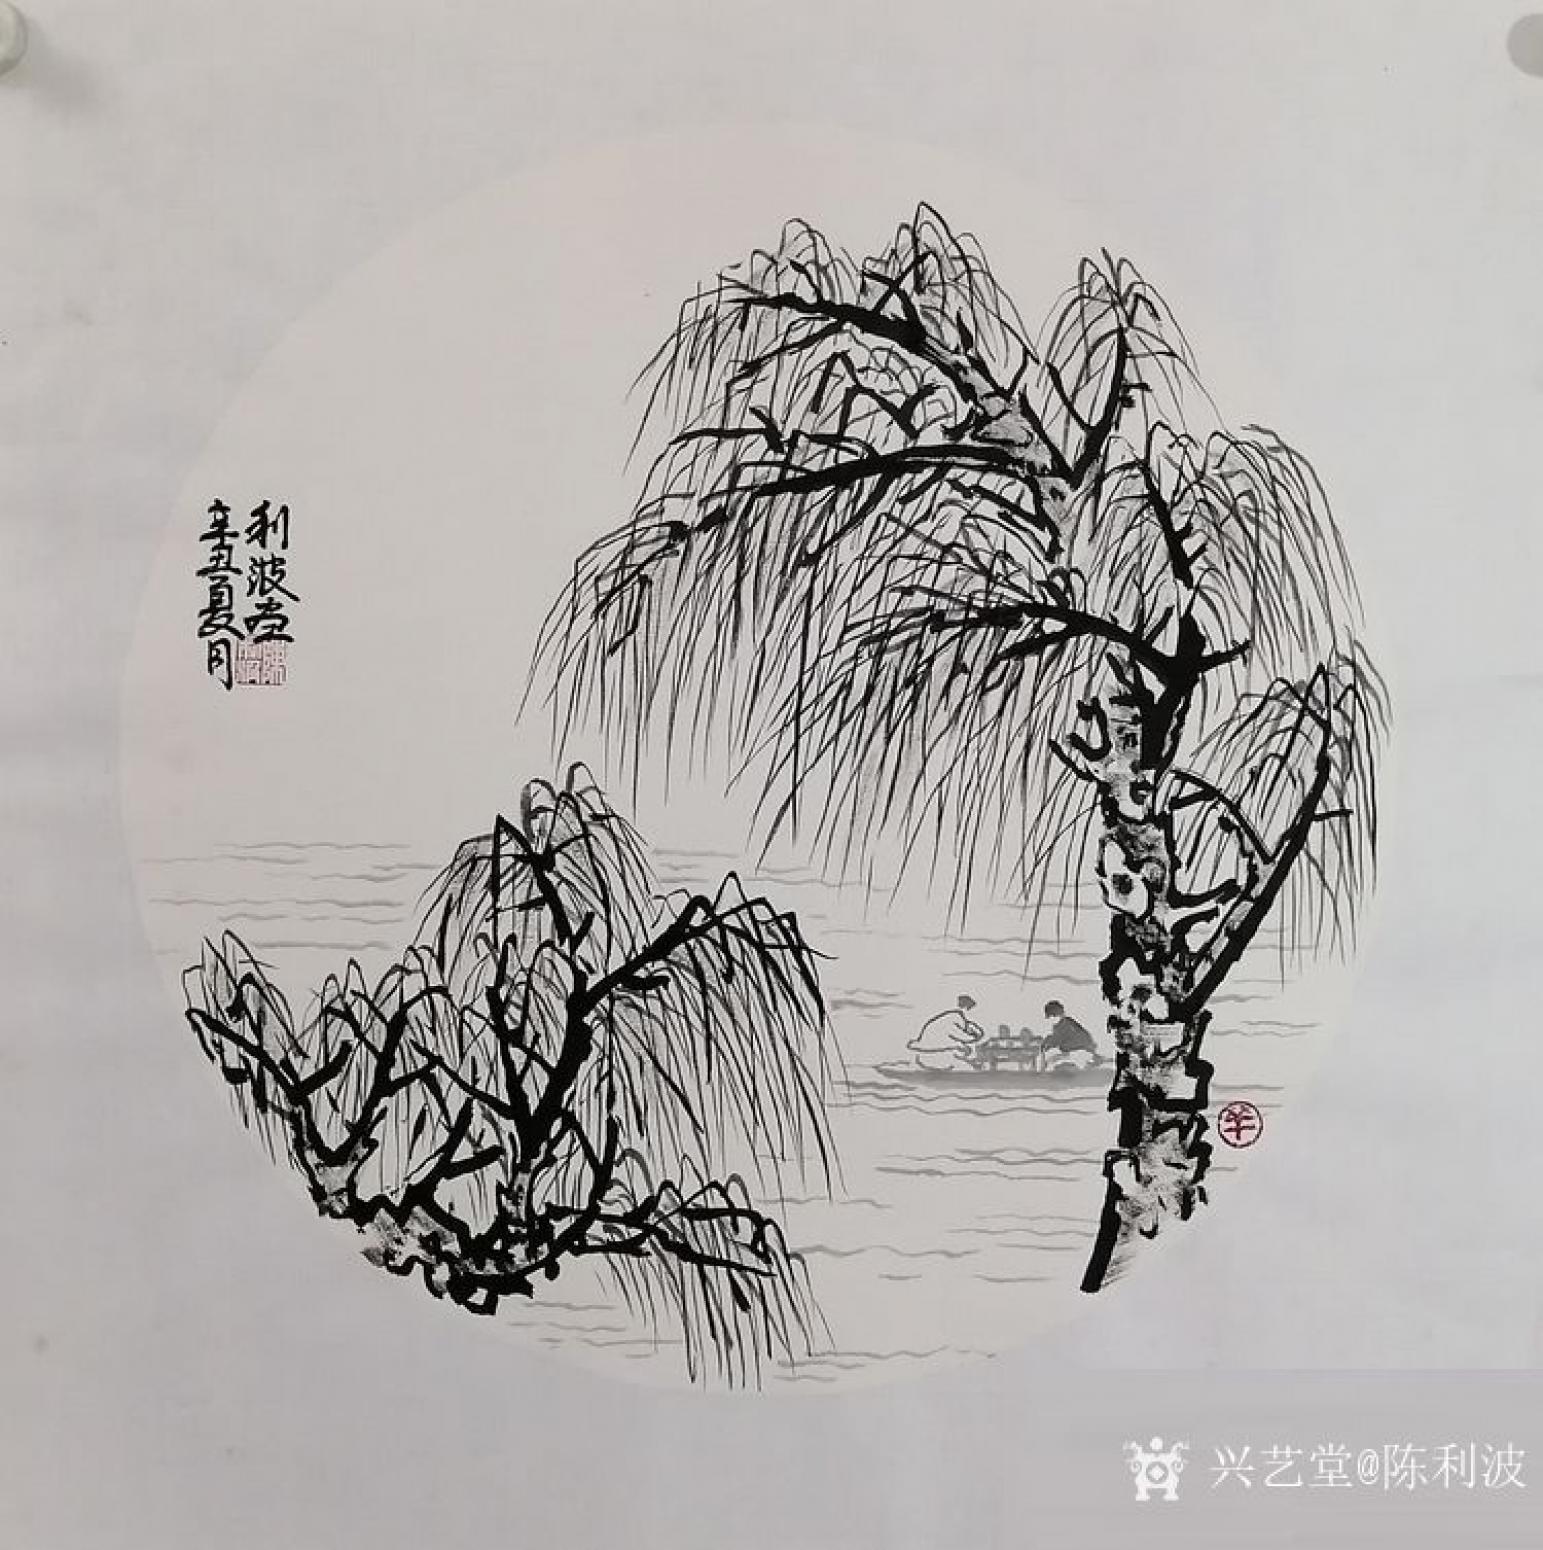 陈利波国画作品《河柳2》【图0】